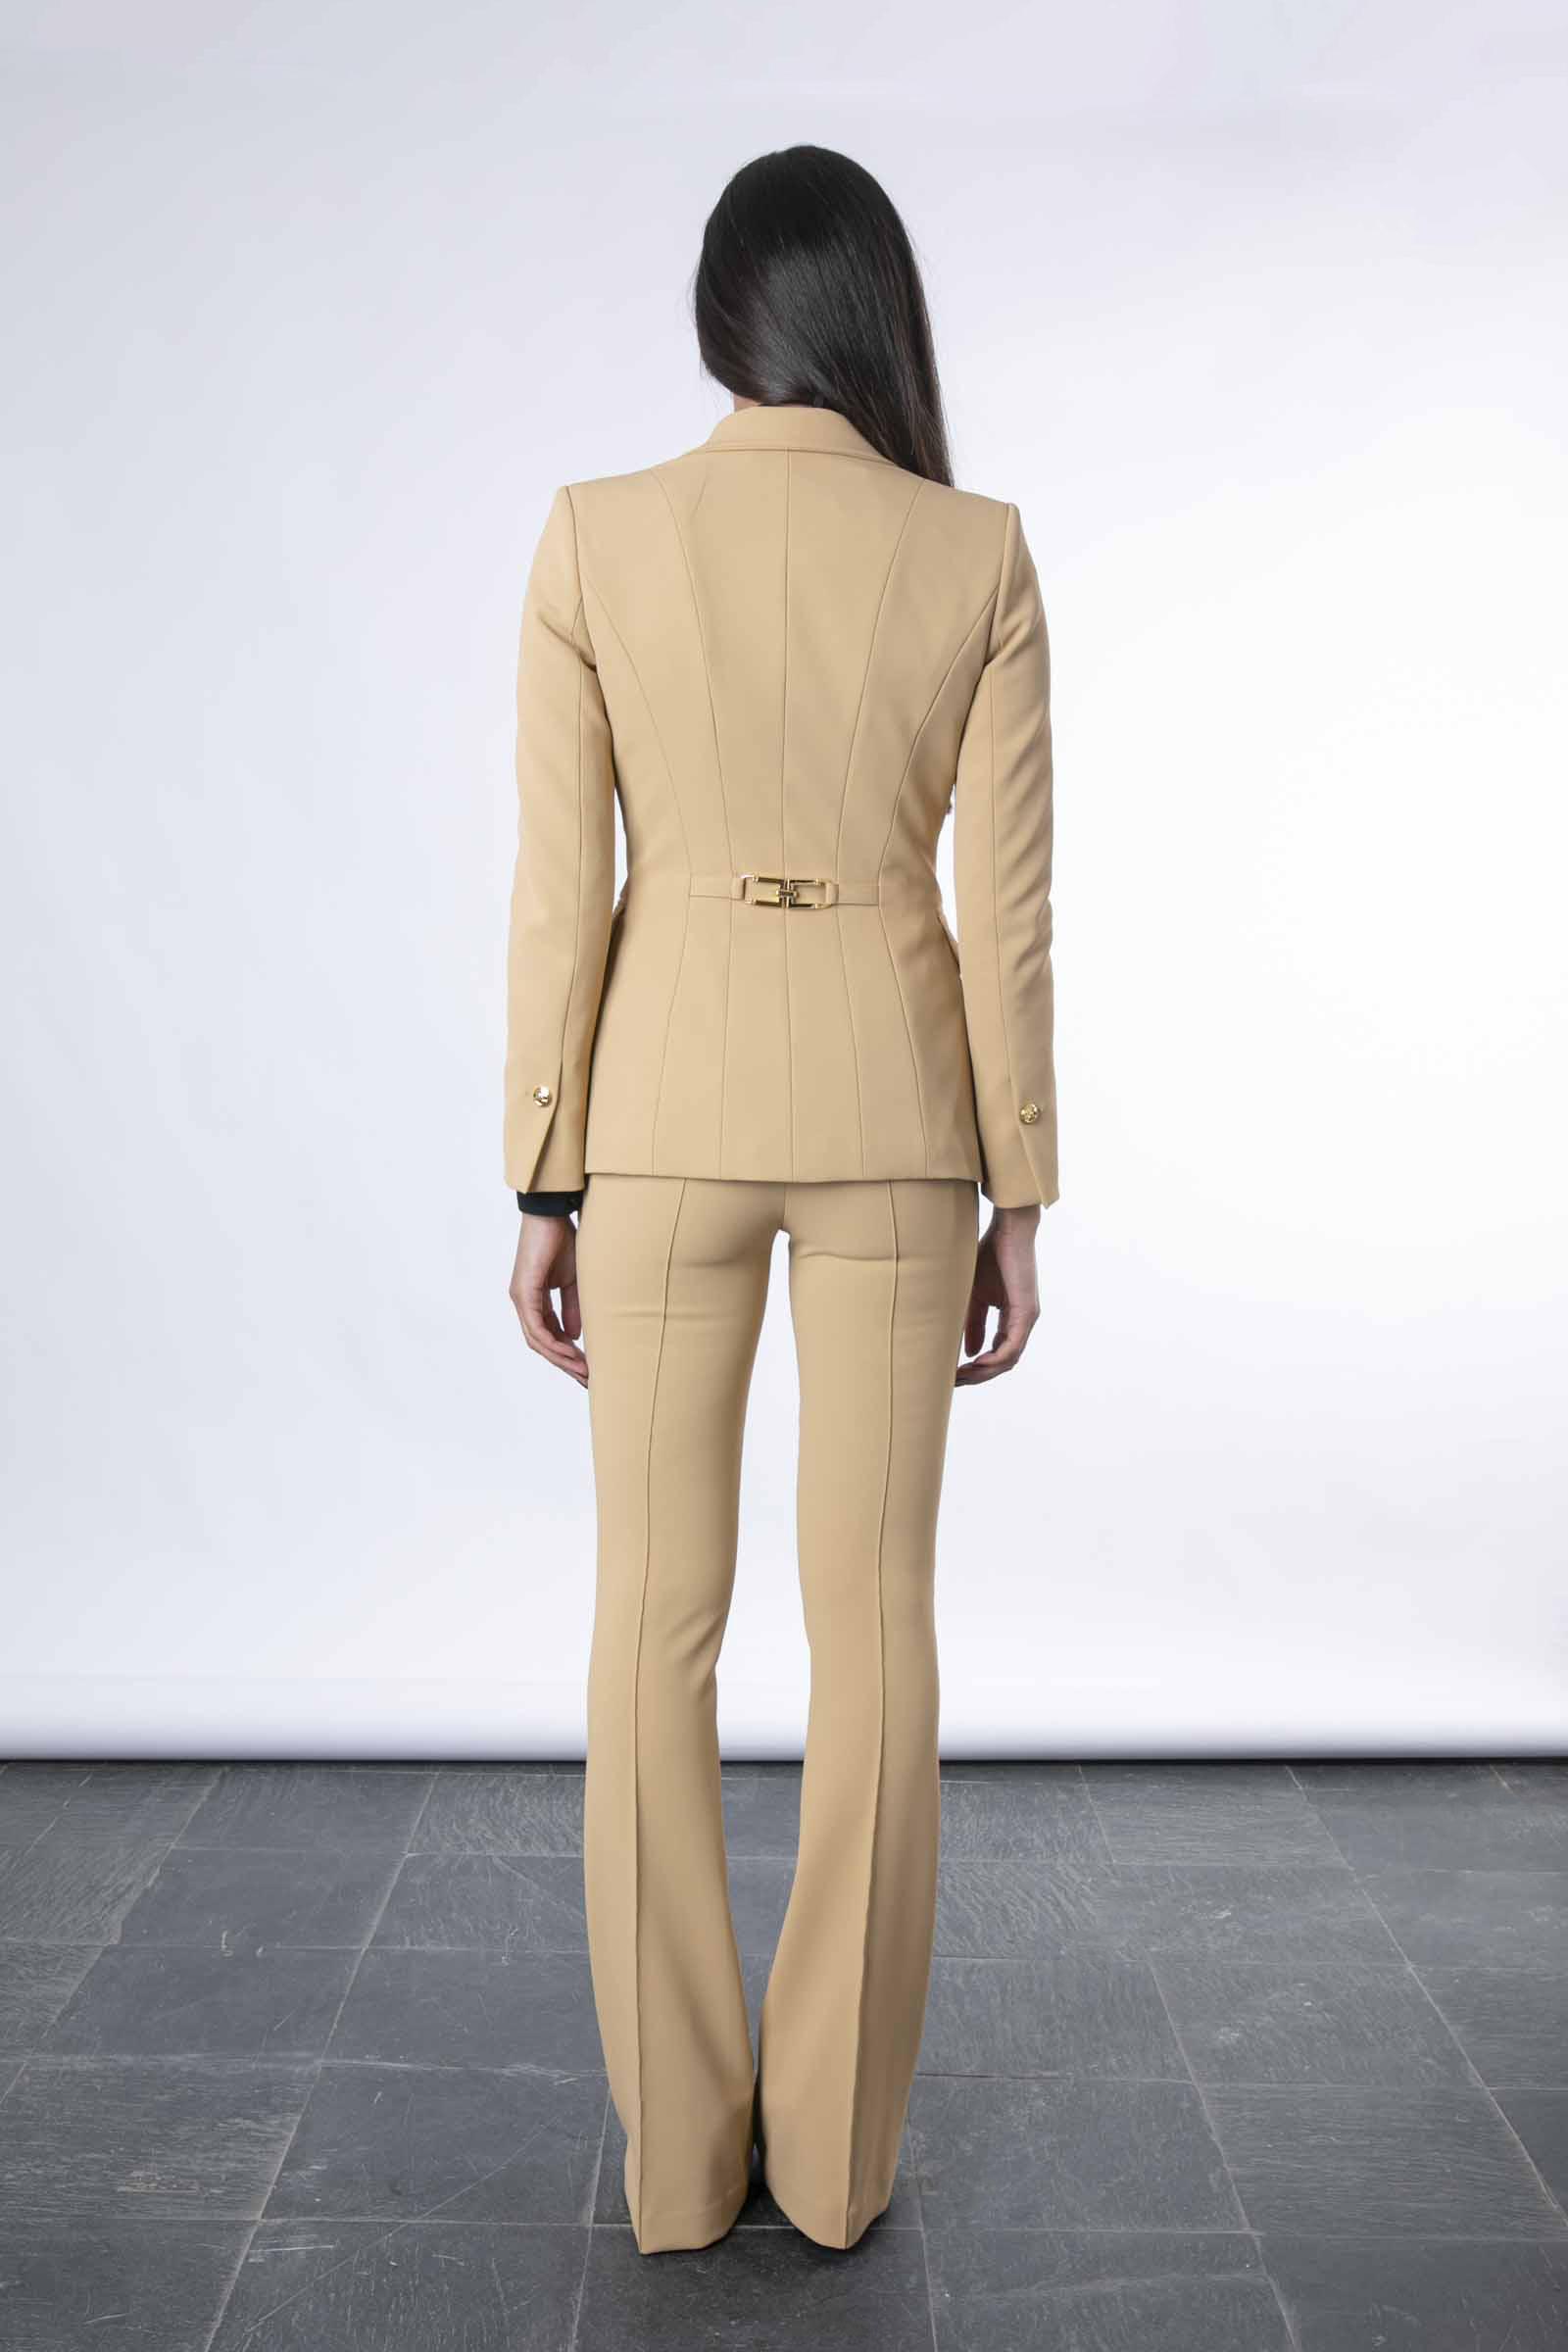 Giacca con morsetto light gold Elisabetta Franchi ELISABETTA FRANCHI | Giacca | GI97116E2470